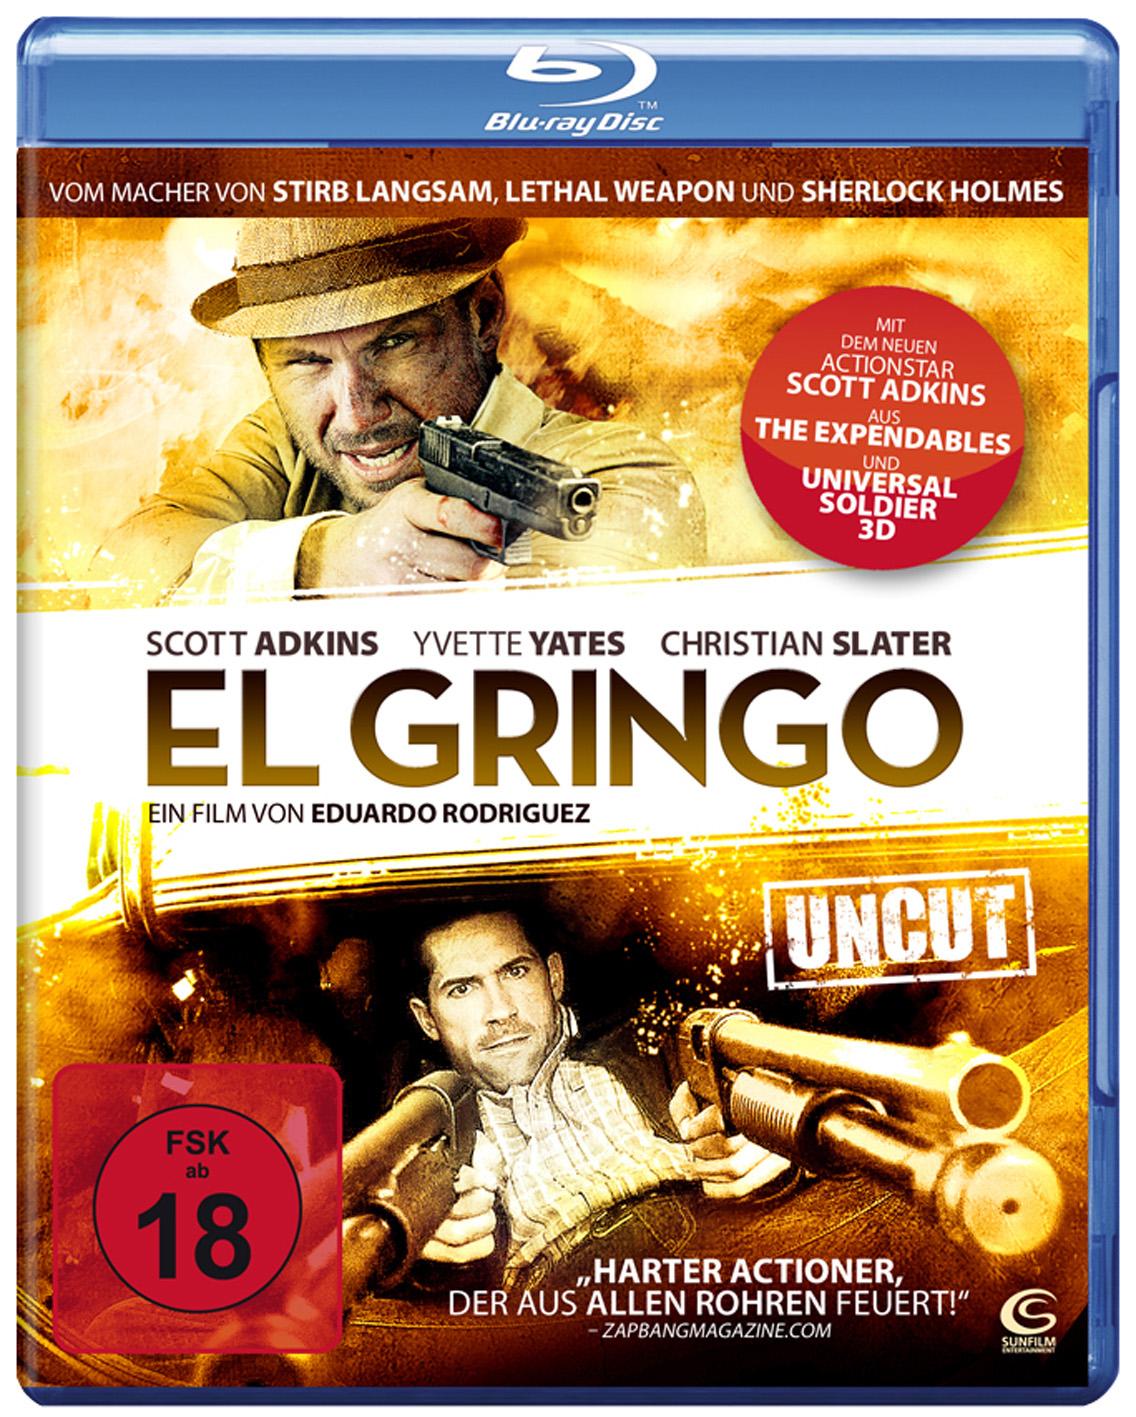 """DVD-Tipp der Woche: """"EL GRINGO"""" (Sunfilm) mit Scott Adkins"""